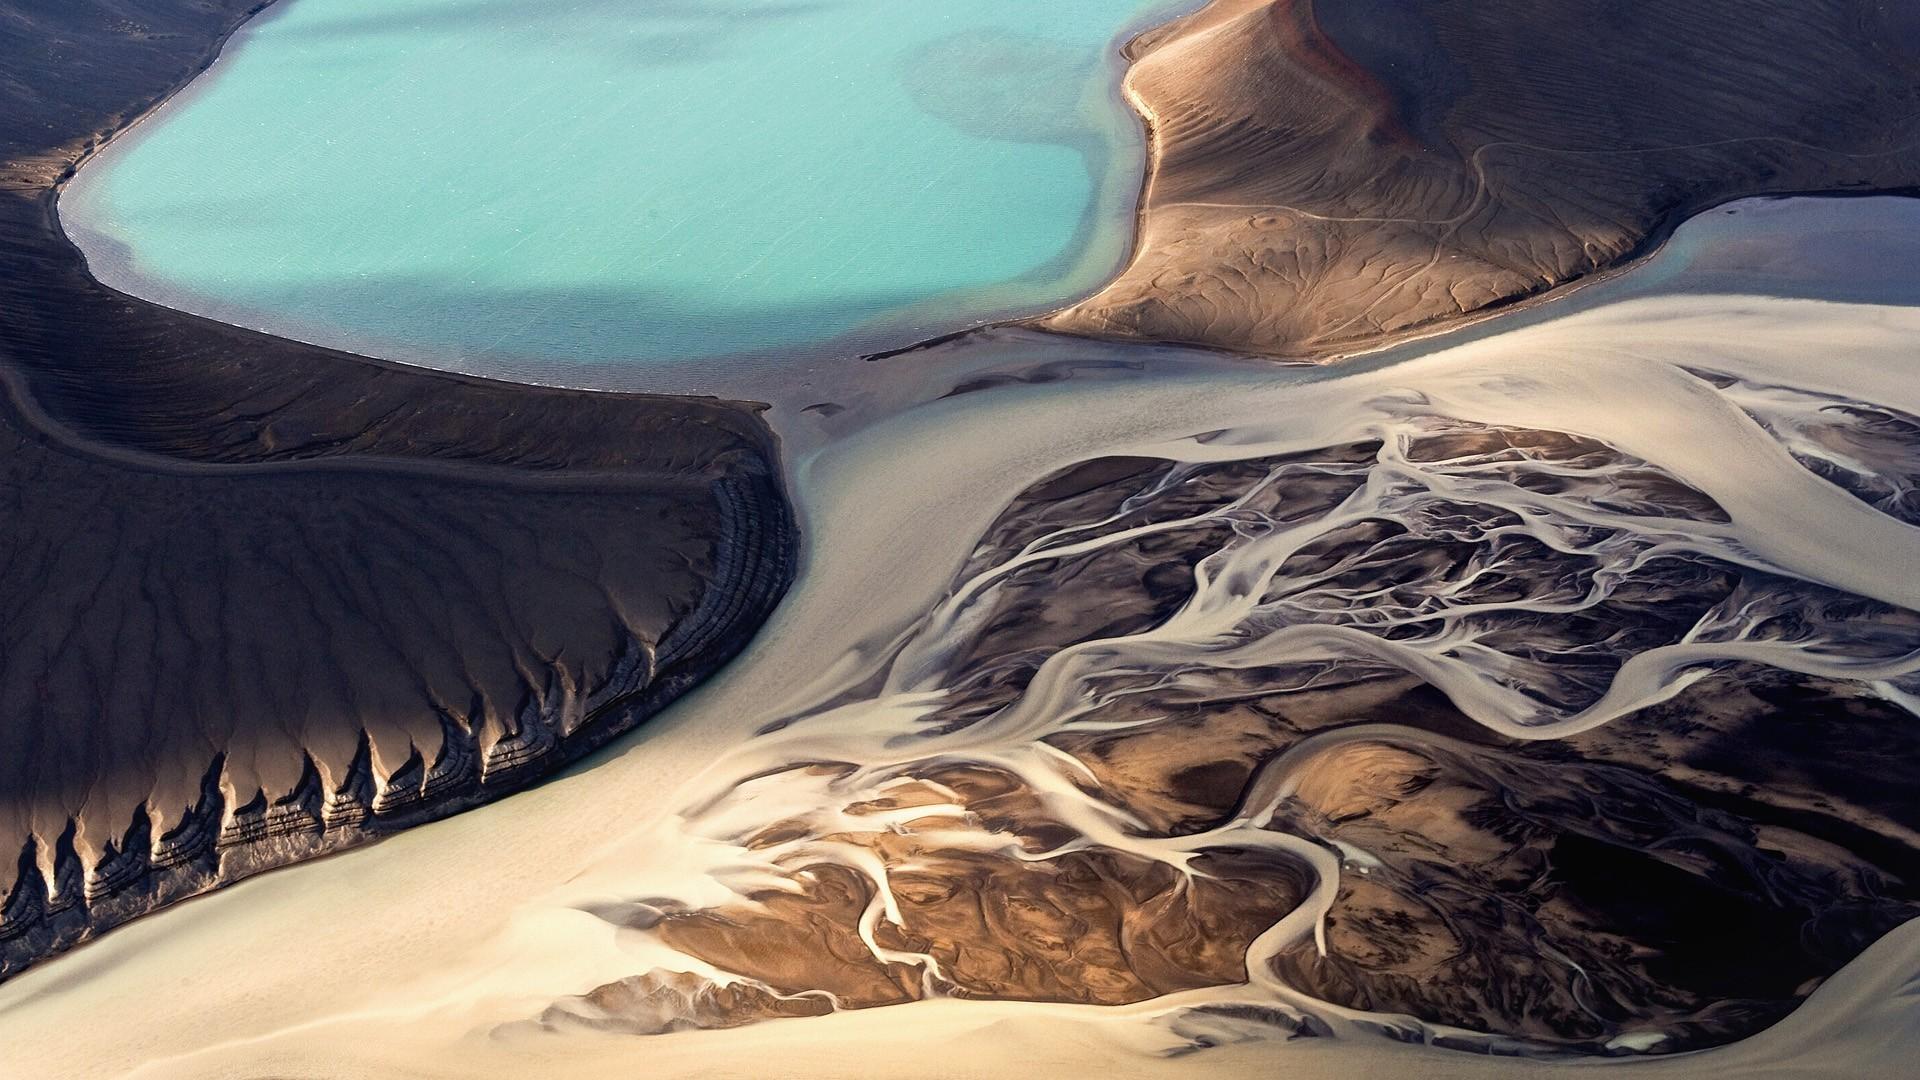 original wallpaper download: Harsh landscape in Iceland – 1920×1080